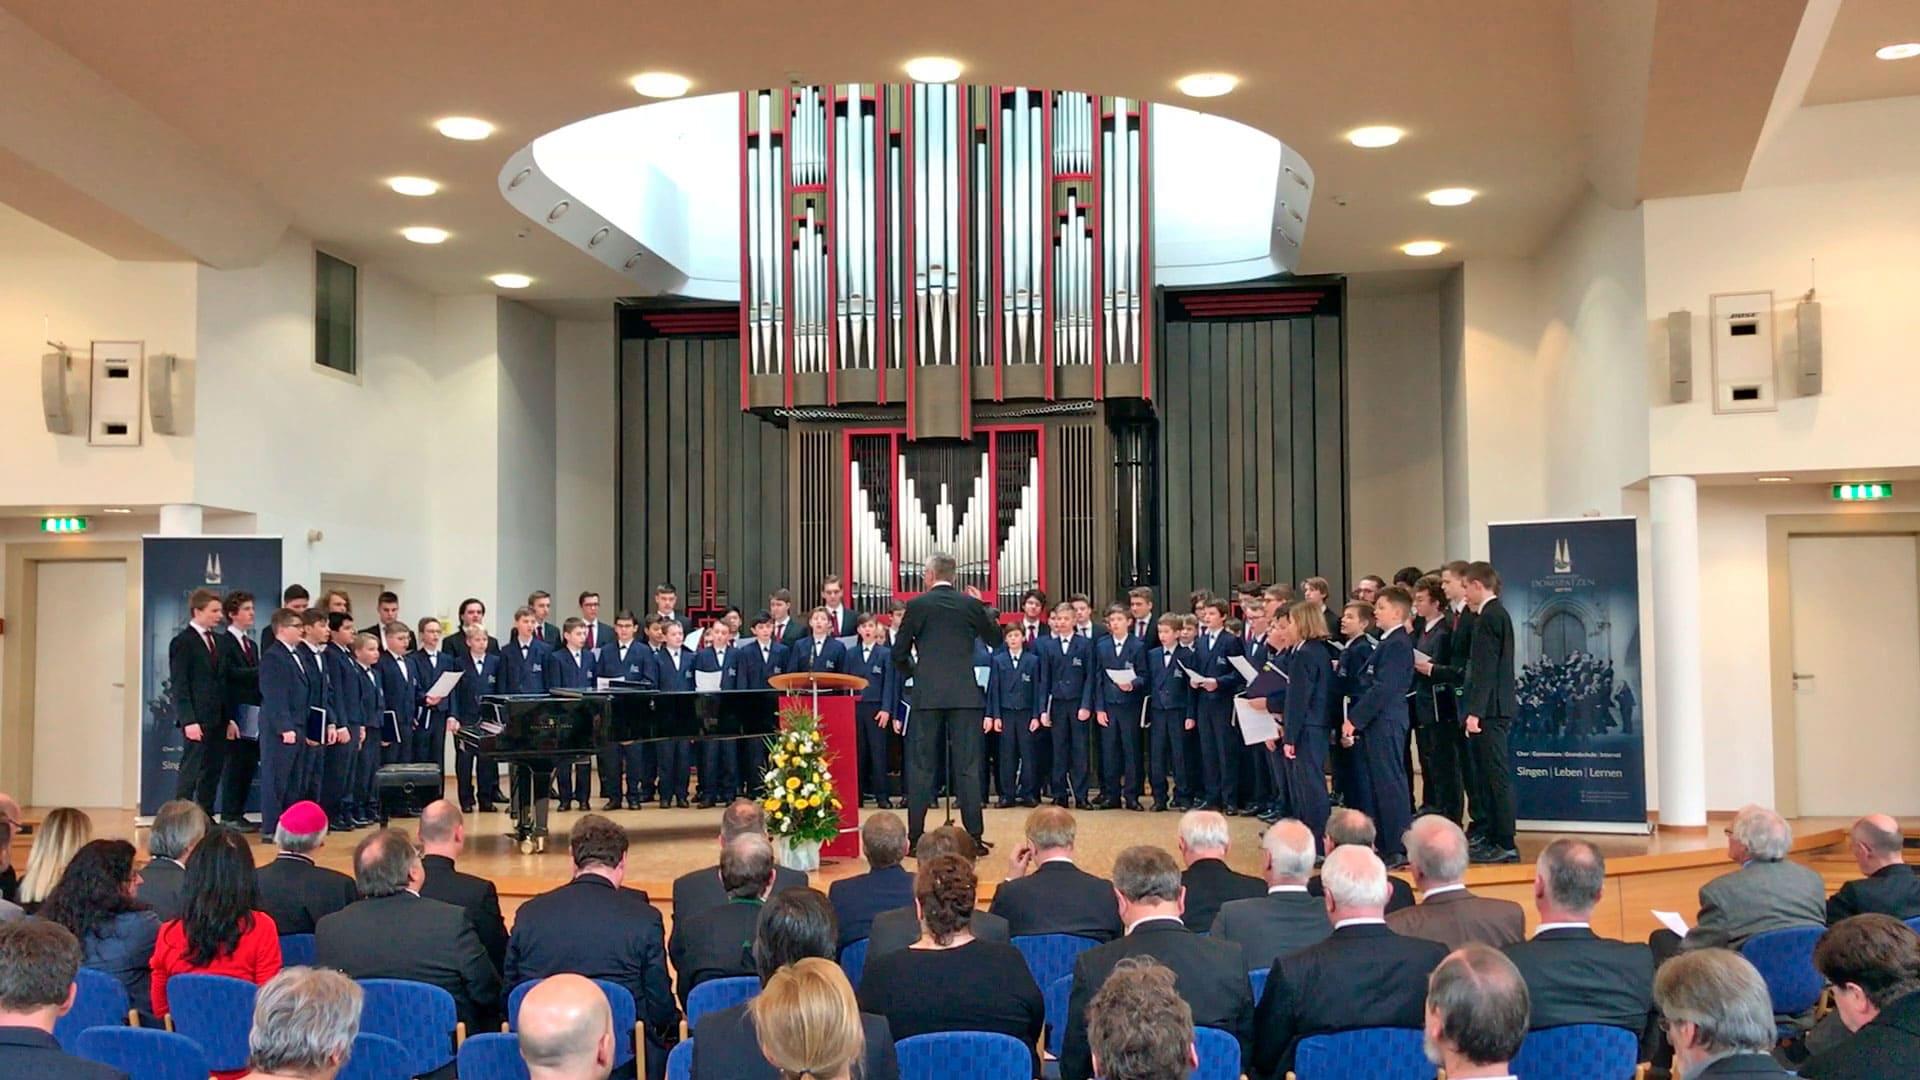 Regensburger Domspatzen Festakt zum Abschluss der Generalsanierung